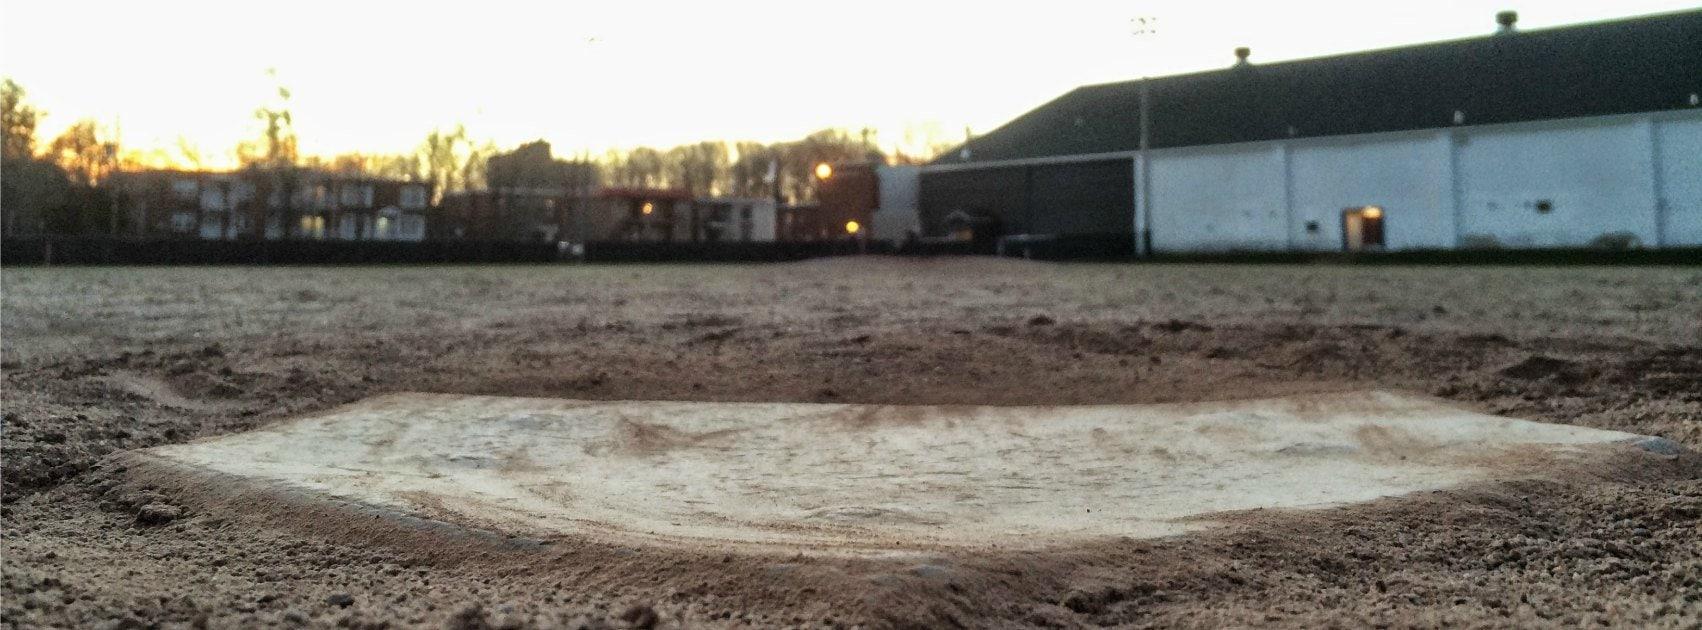 Un stationnement est prévu sur le terrain de baseball de la rue Melançon, après l'été.